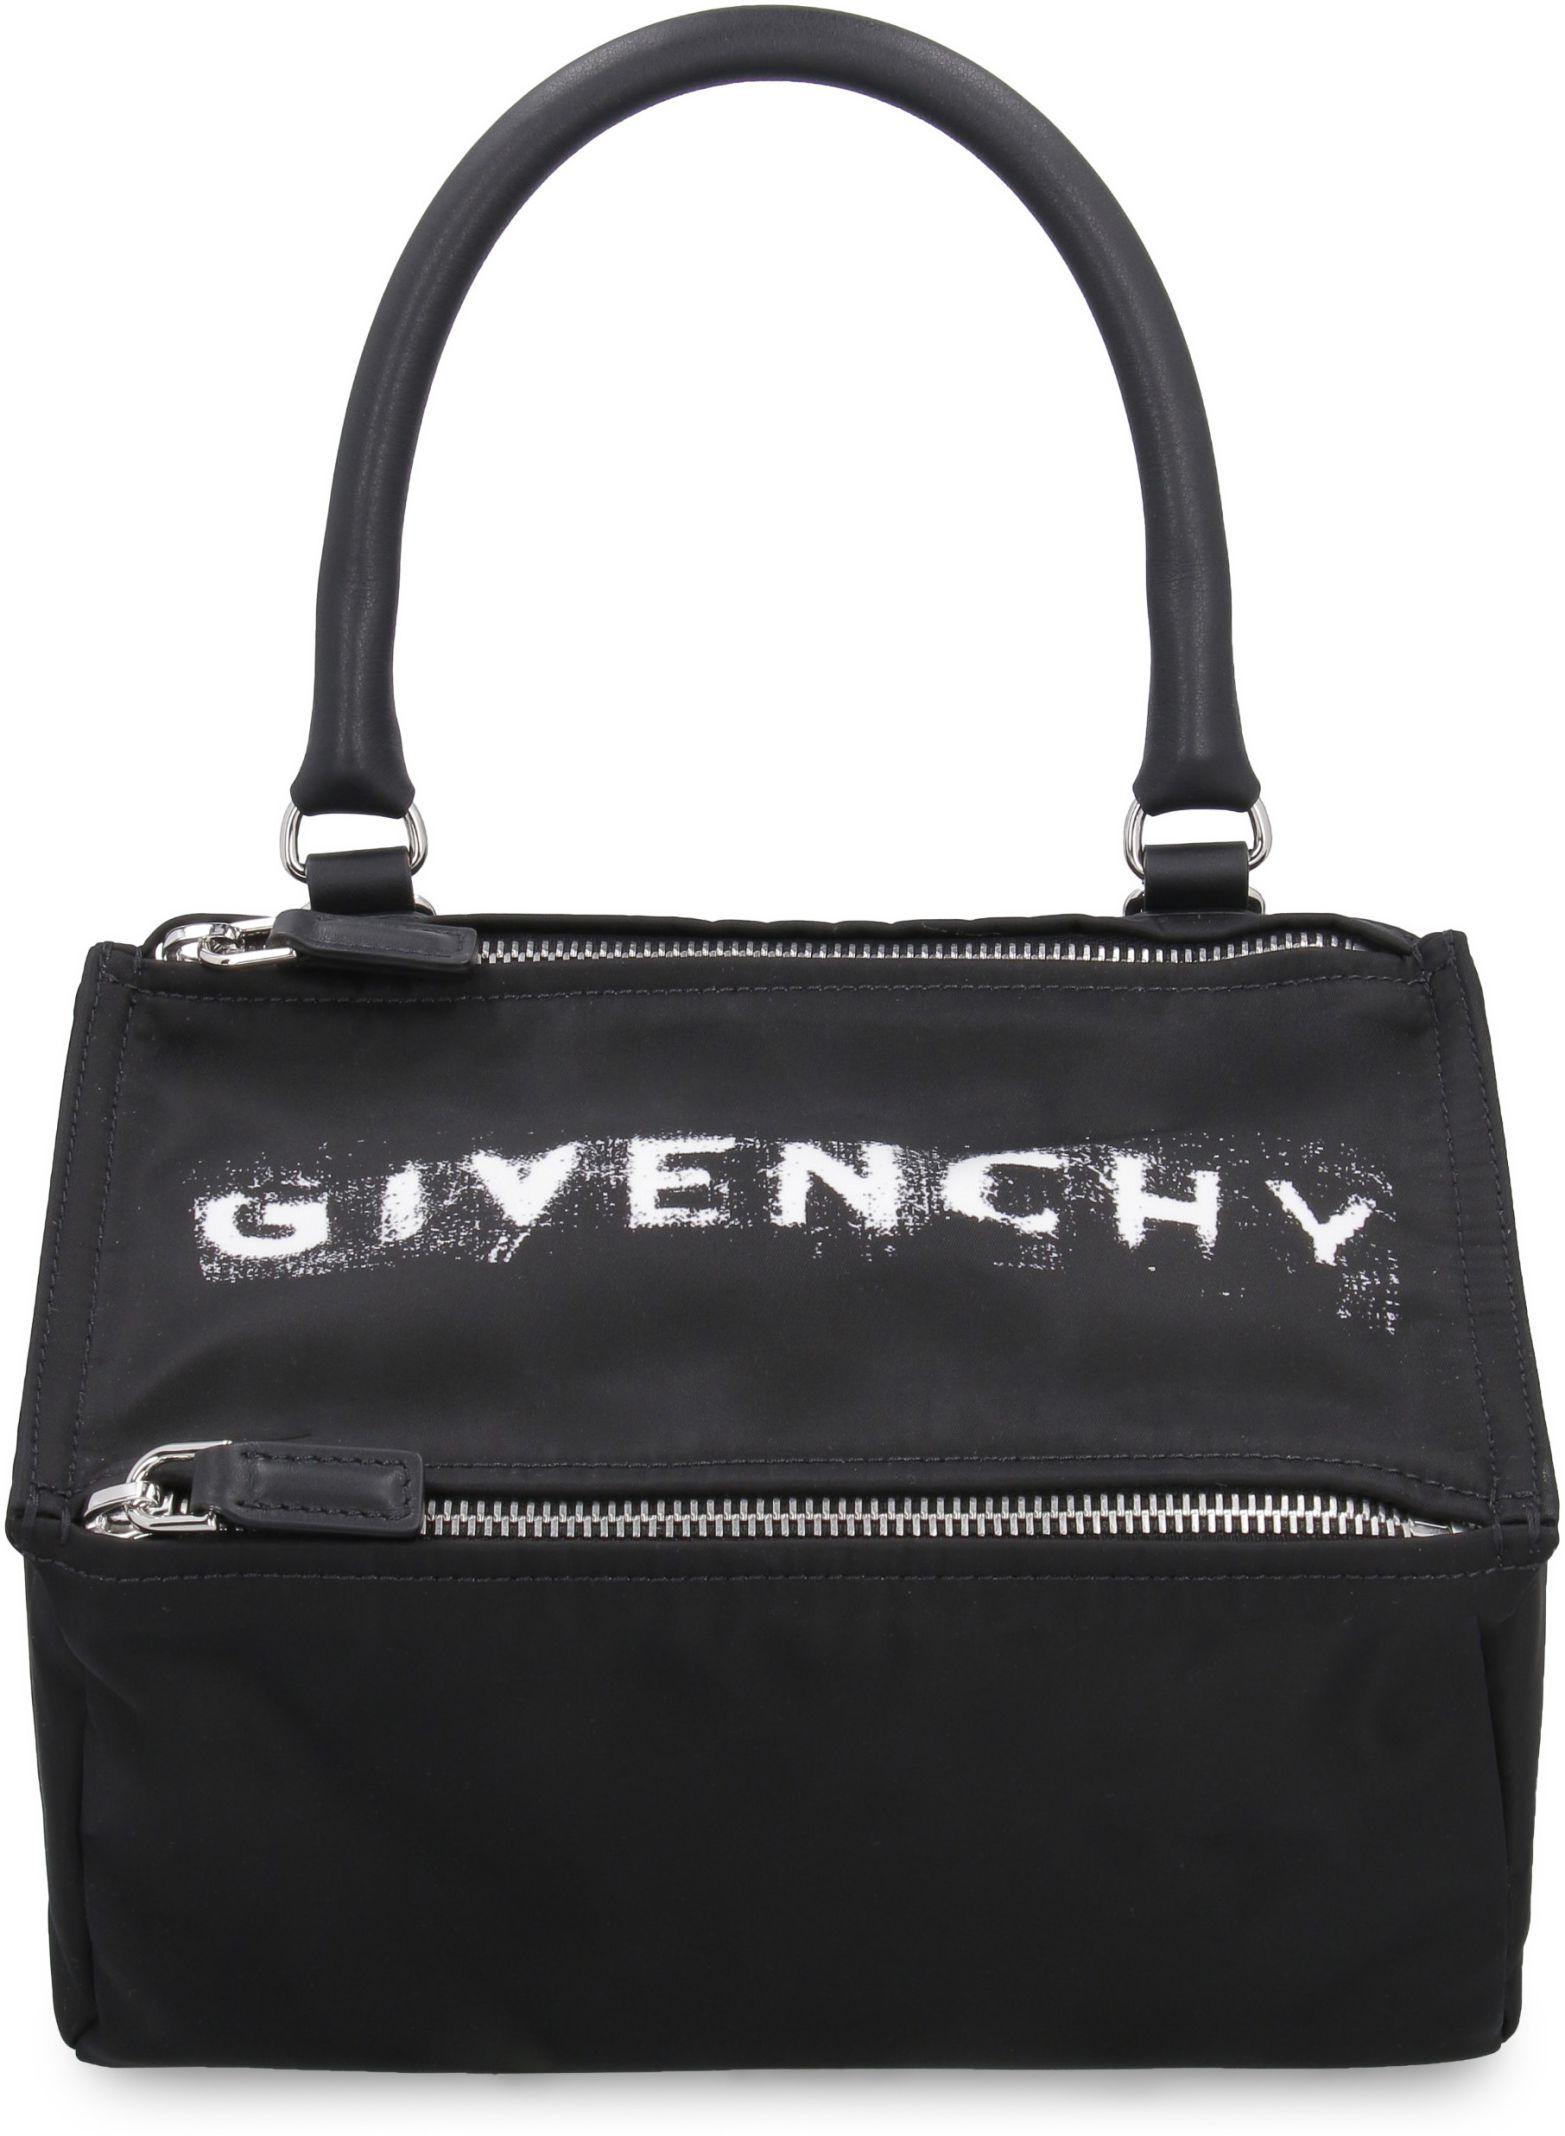 cbb8bfad767 Givenchy Givenchy Pandora Small Nylon Bag - black - 10914775 | italist